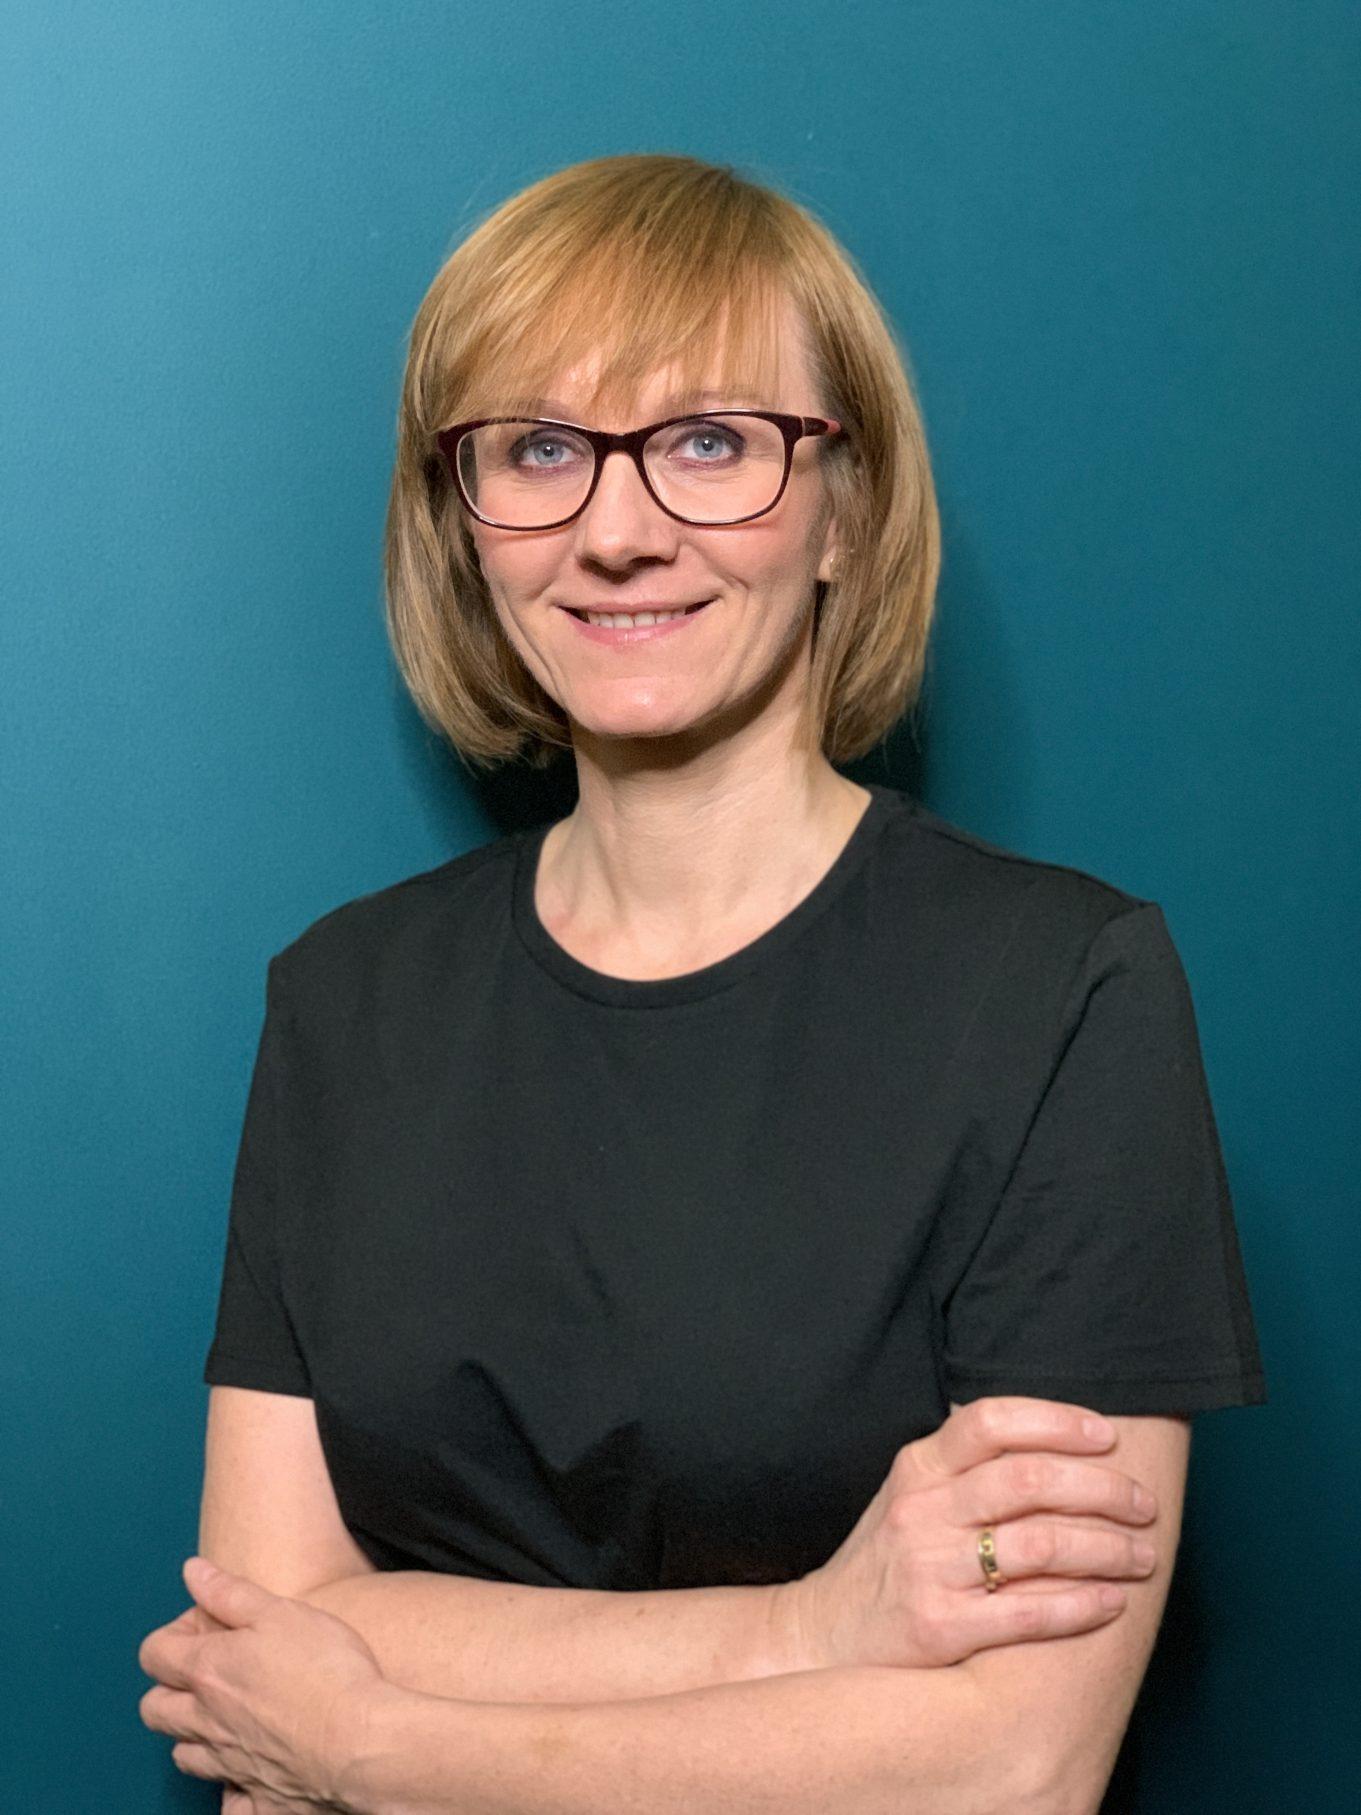 Agnieszka C